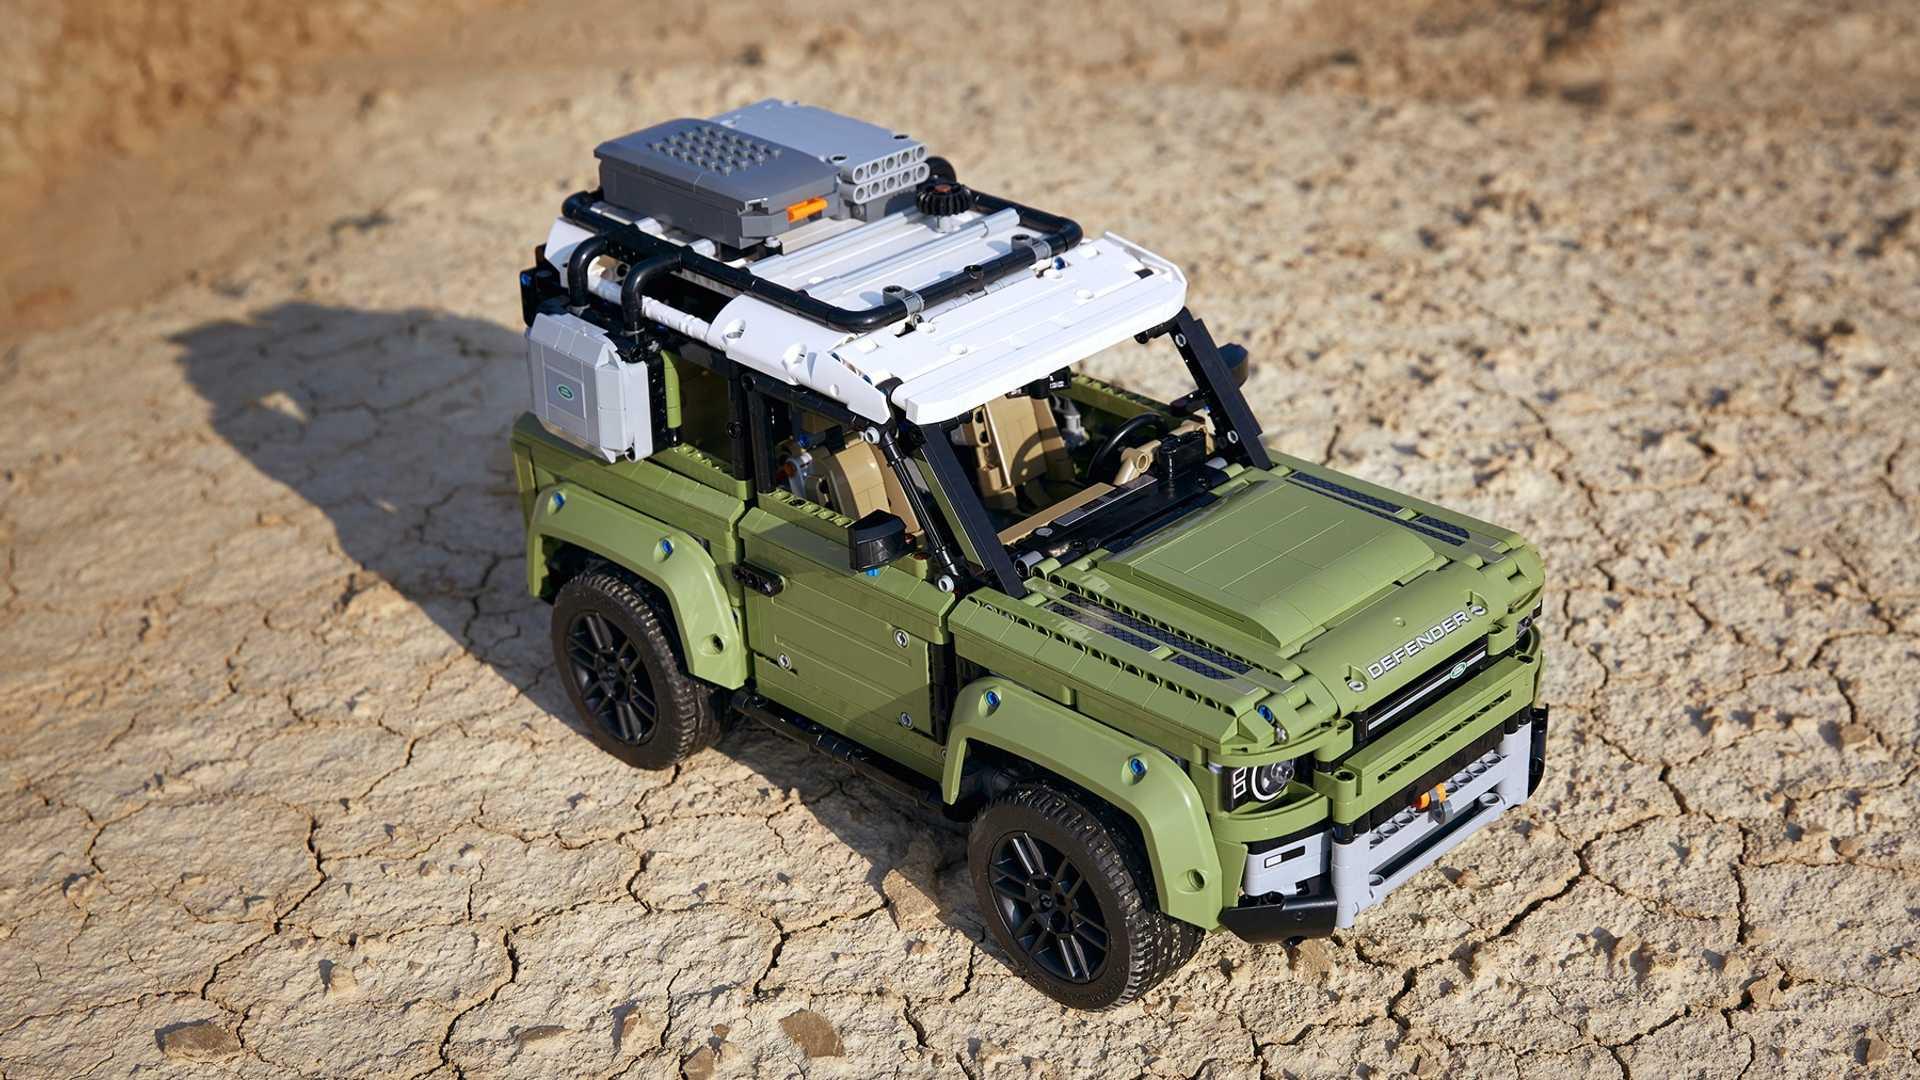 Вместе с новым поколением внедорожника Land Rover Defender дебютировала его модель для сборки марки Lego.